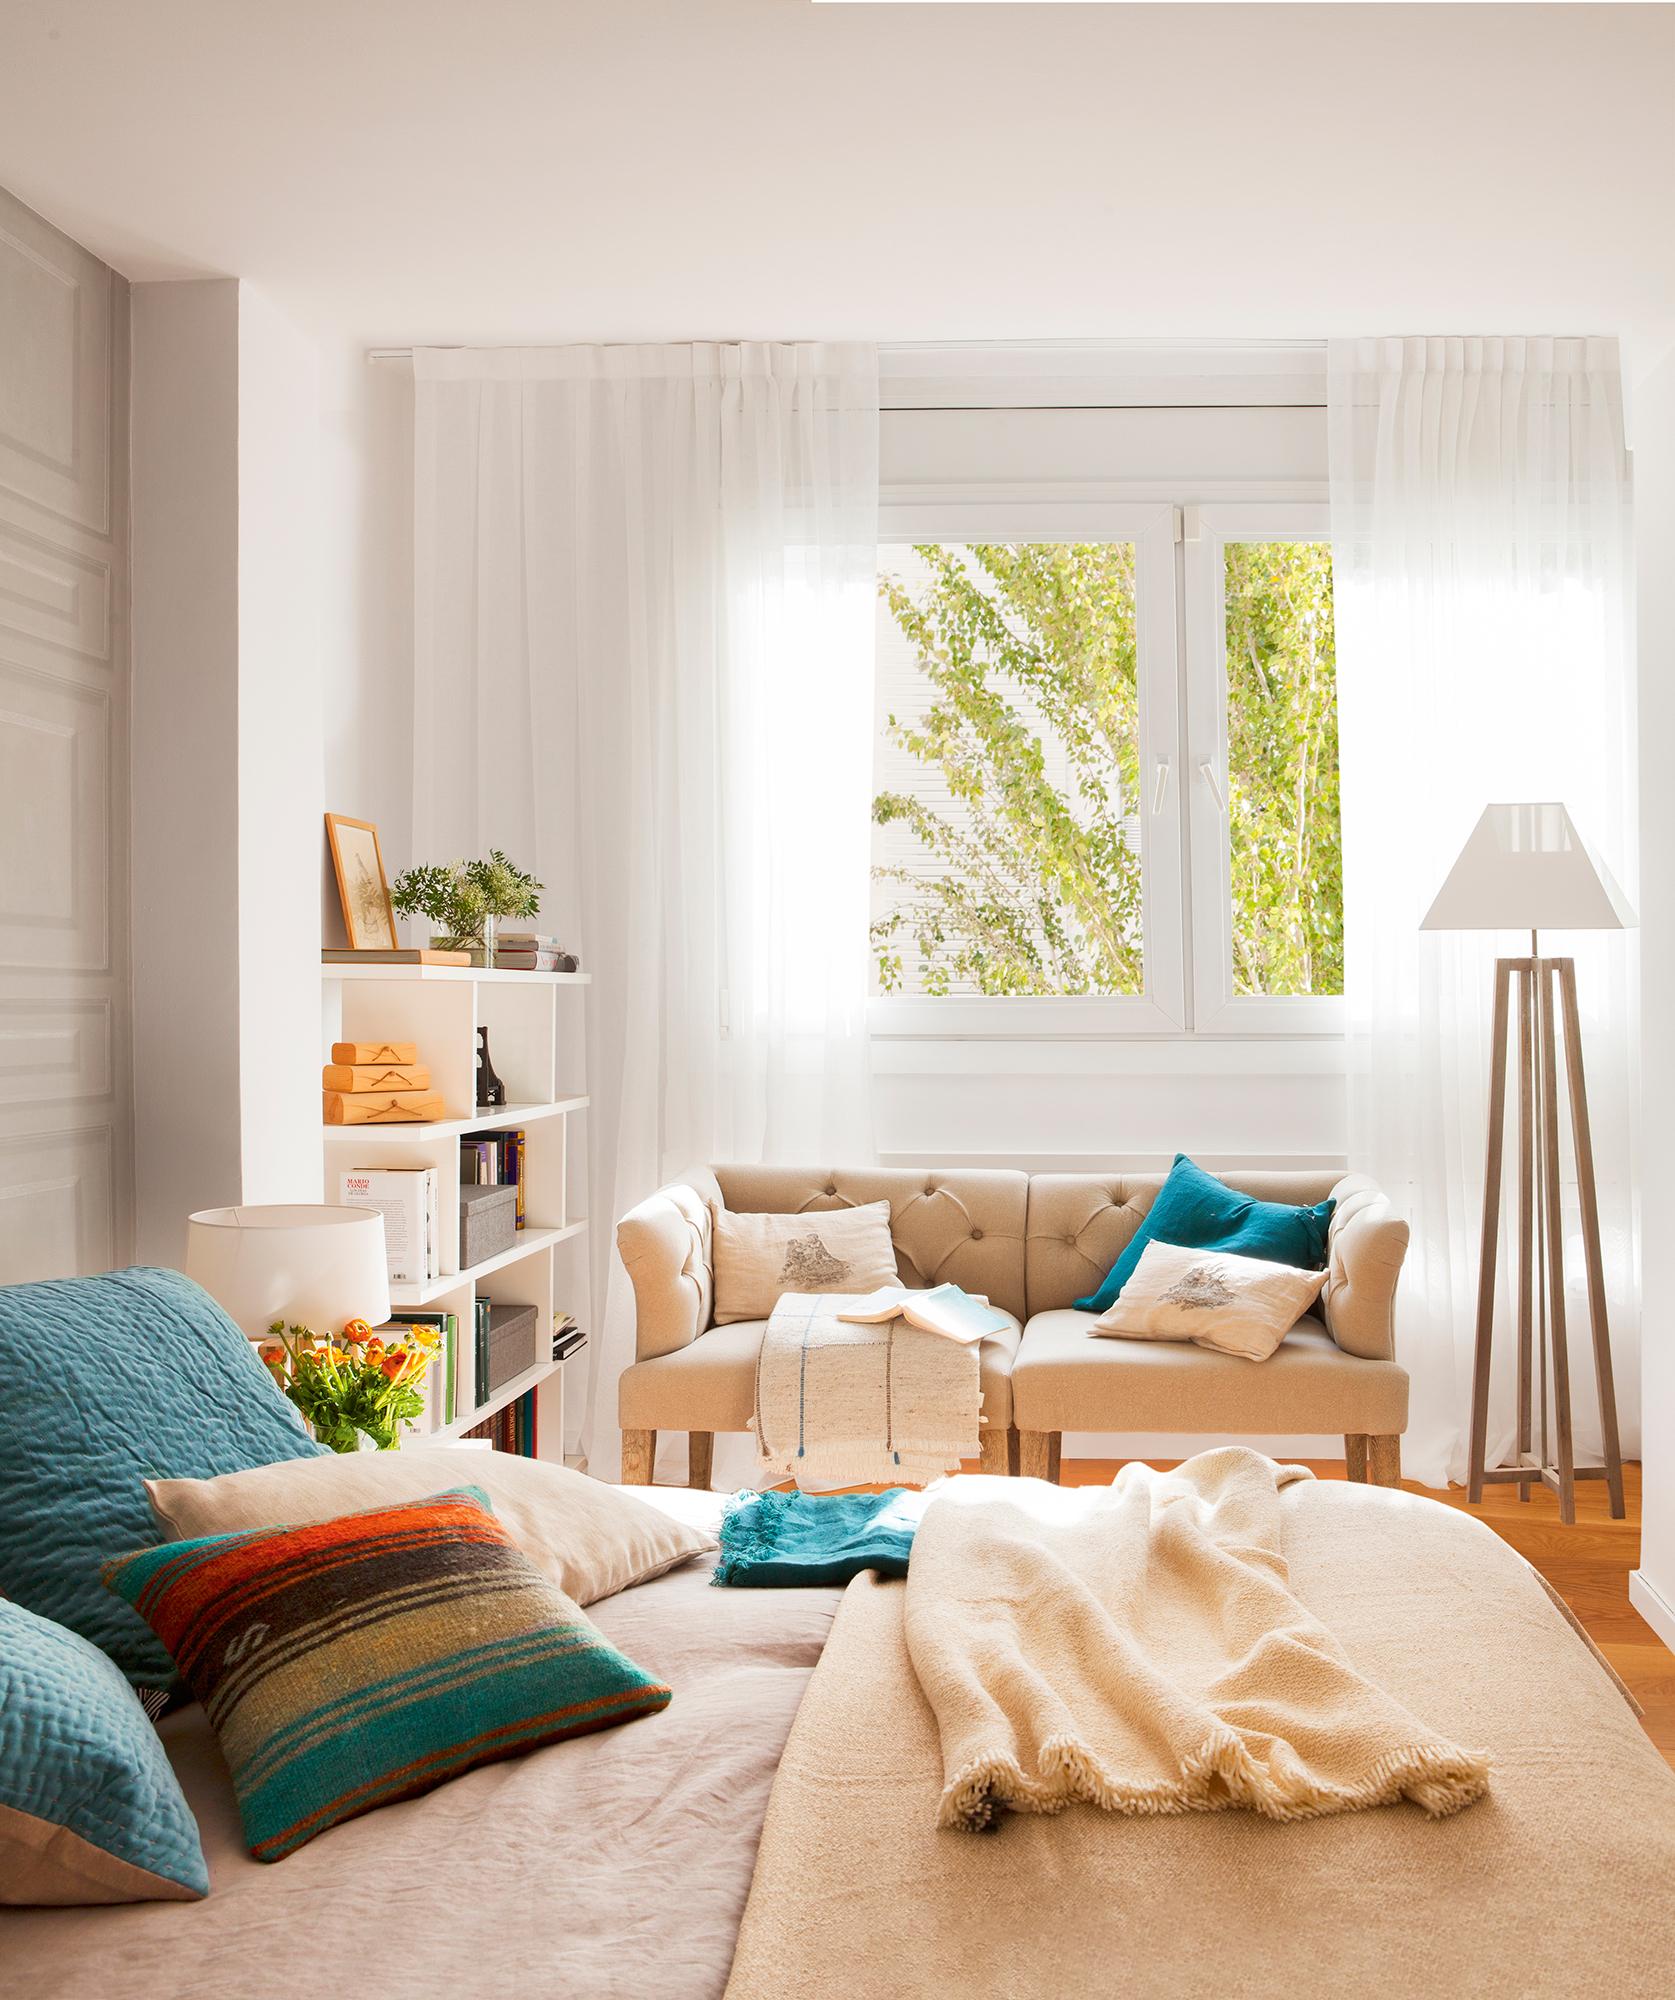 Guardar en el dormitorio m s de 15 ideas pr cticas y capaces - Sofa dormitorio ...